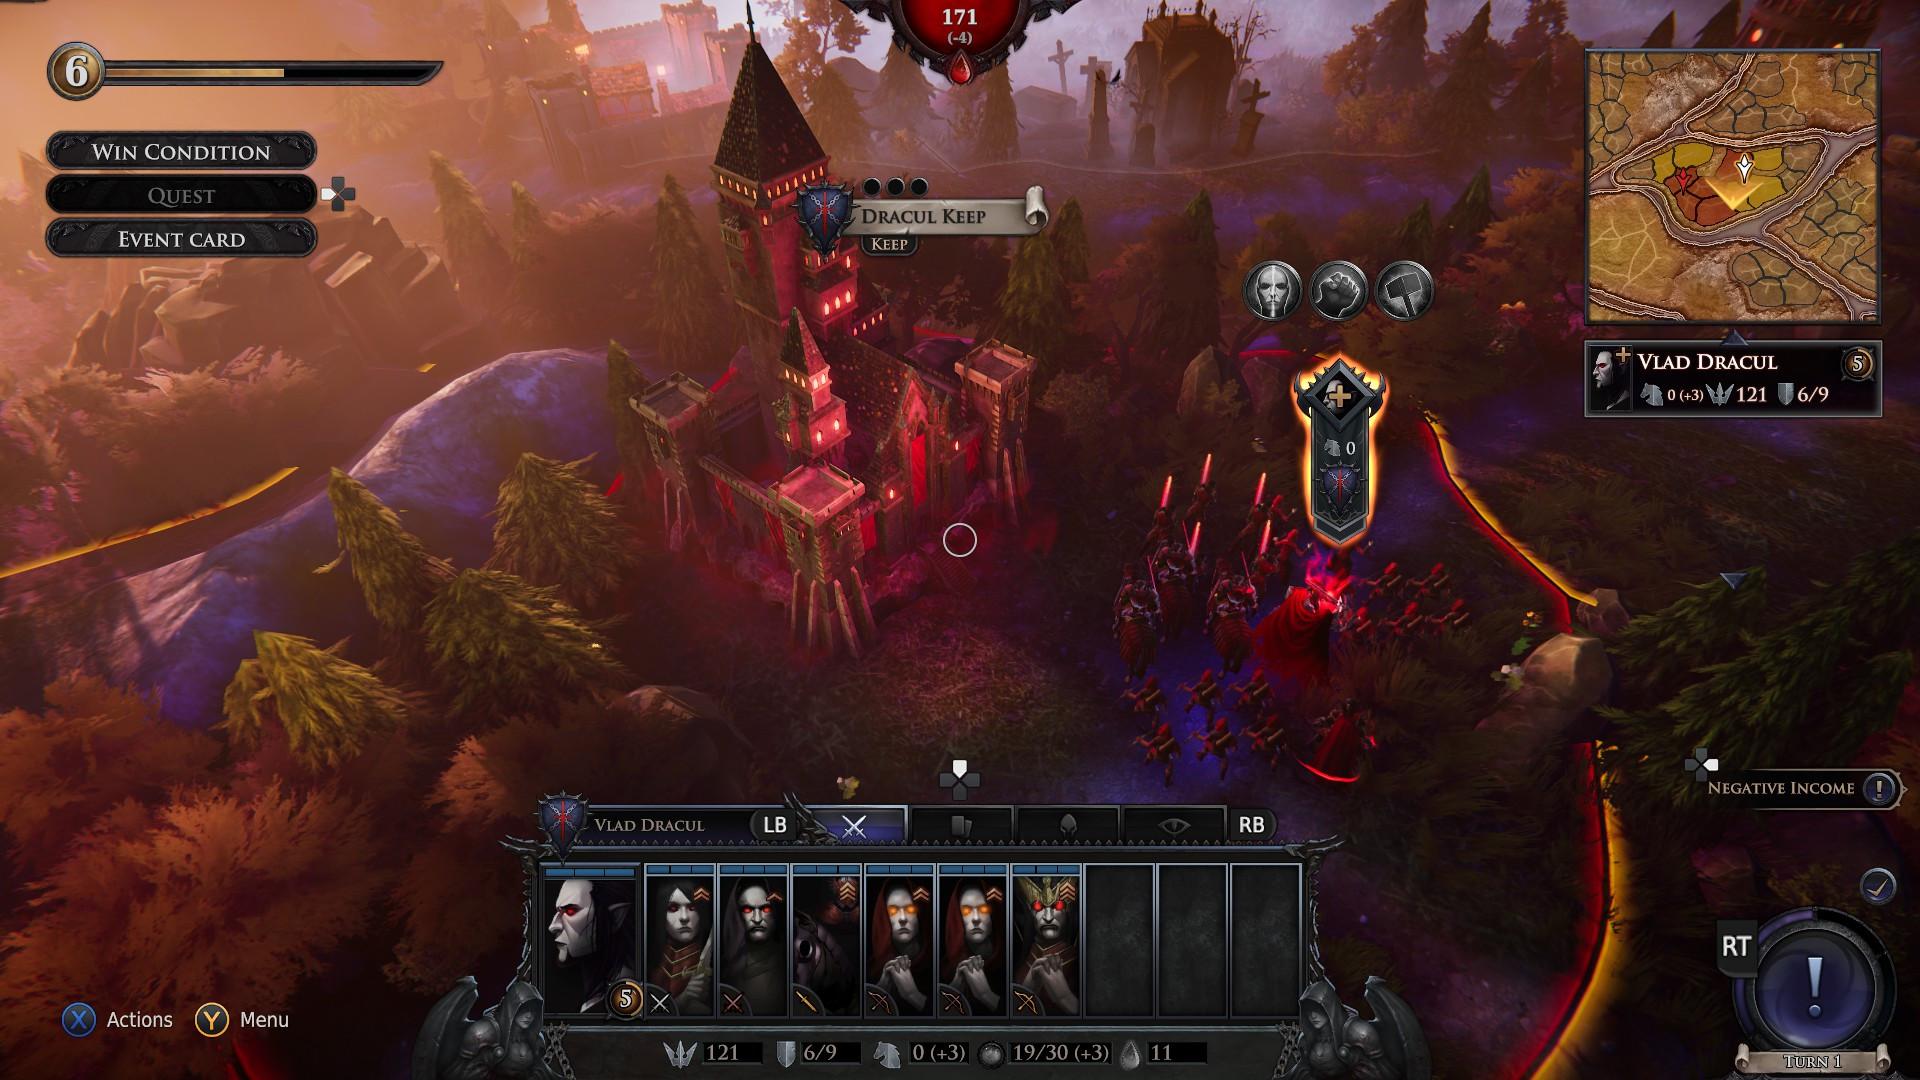 策略游戏《不朽国度:血族战争》发售 特惠价144元支持中文